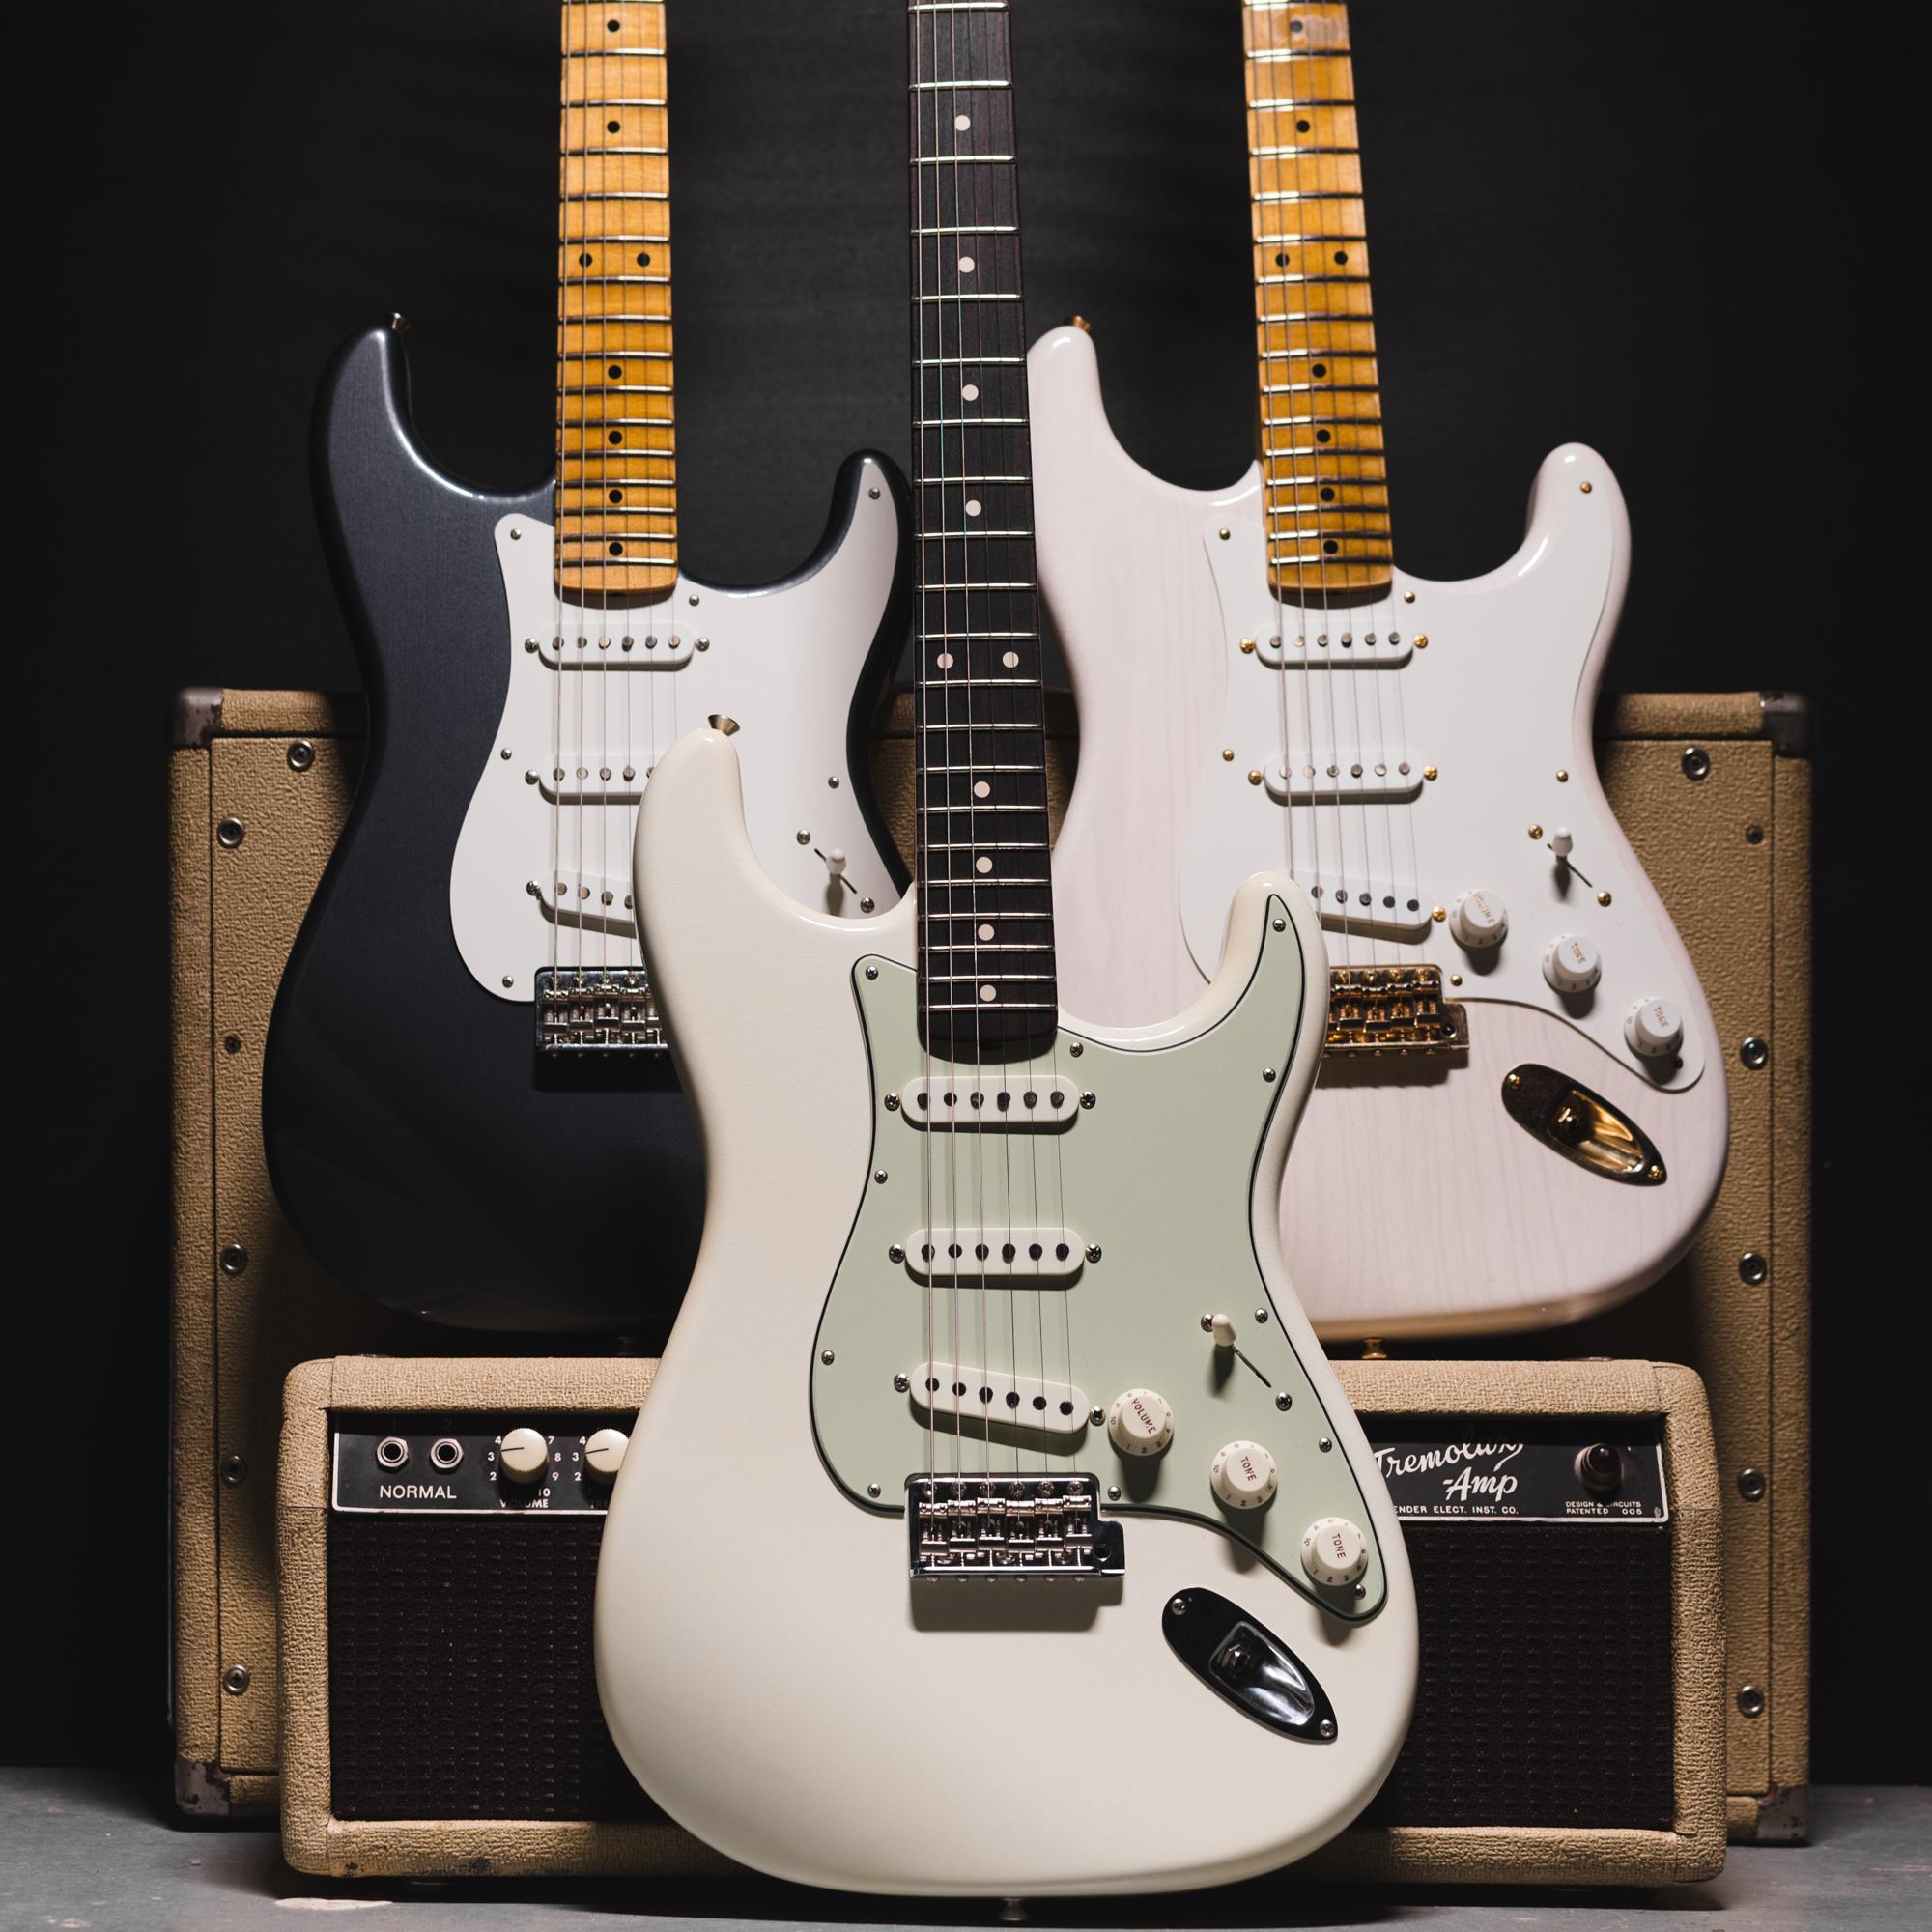 Wondrous Cme Spec Fender Custom Shop Guitars Wiring Cloud Hisonuggs Outletorg